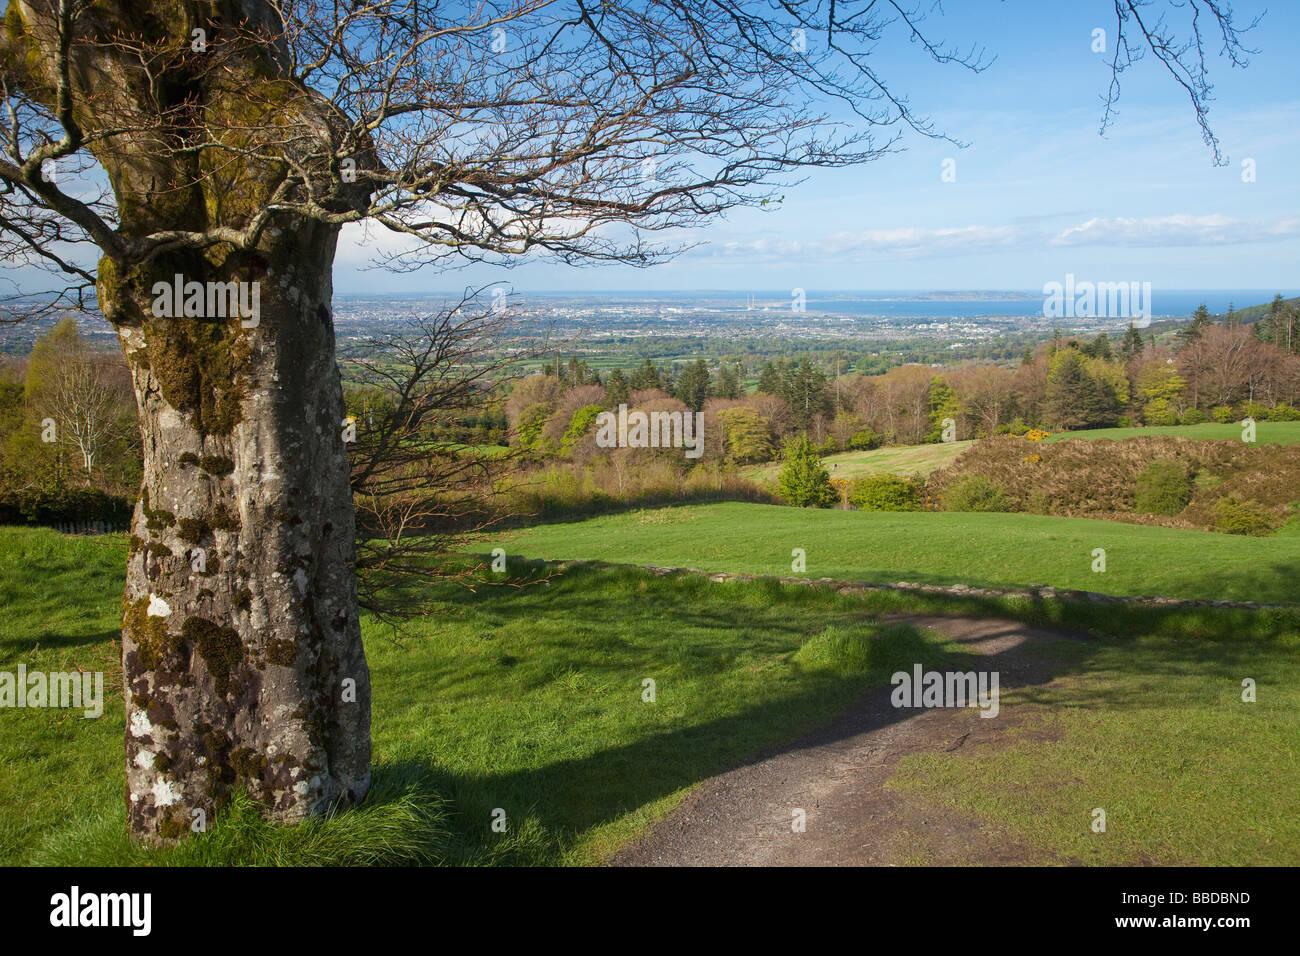 La Bahía de Dublín de Glencullen County Wicklow Irlanda Irlanda, República de Irlanda Foto de stock